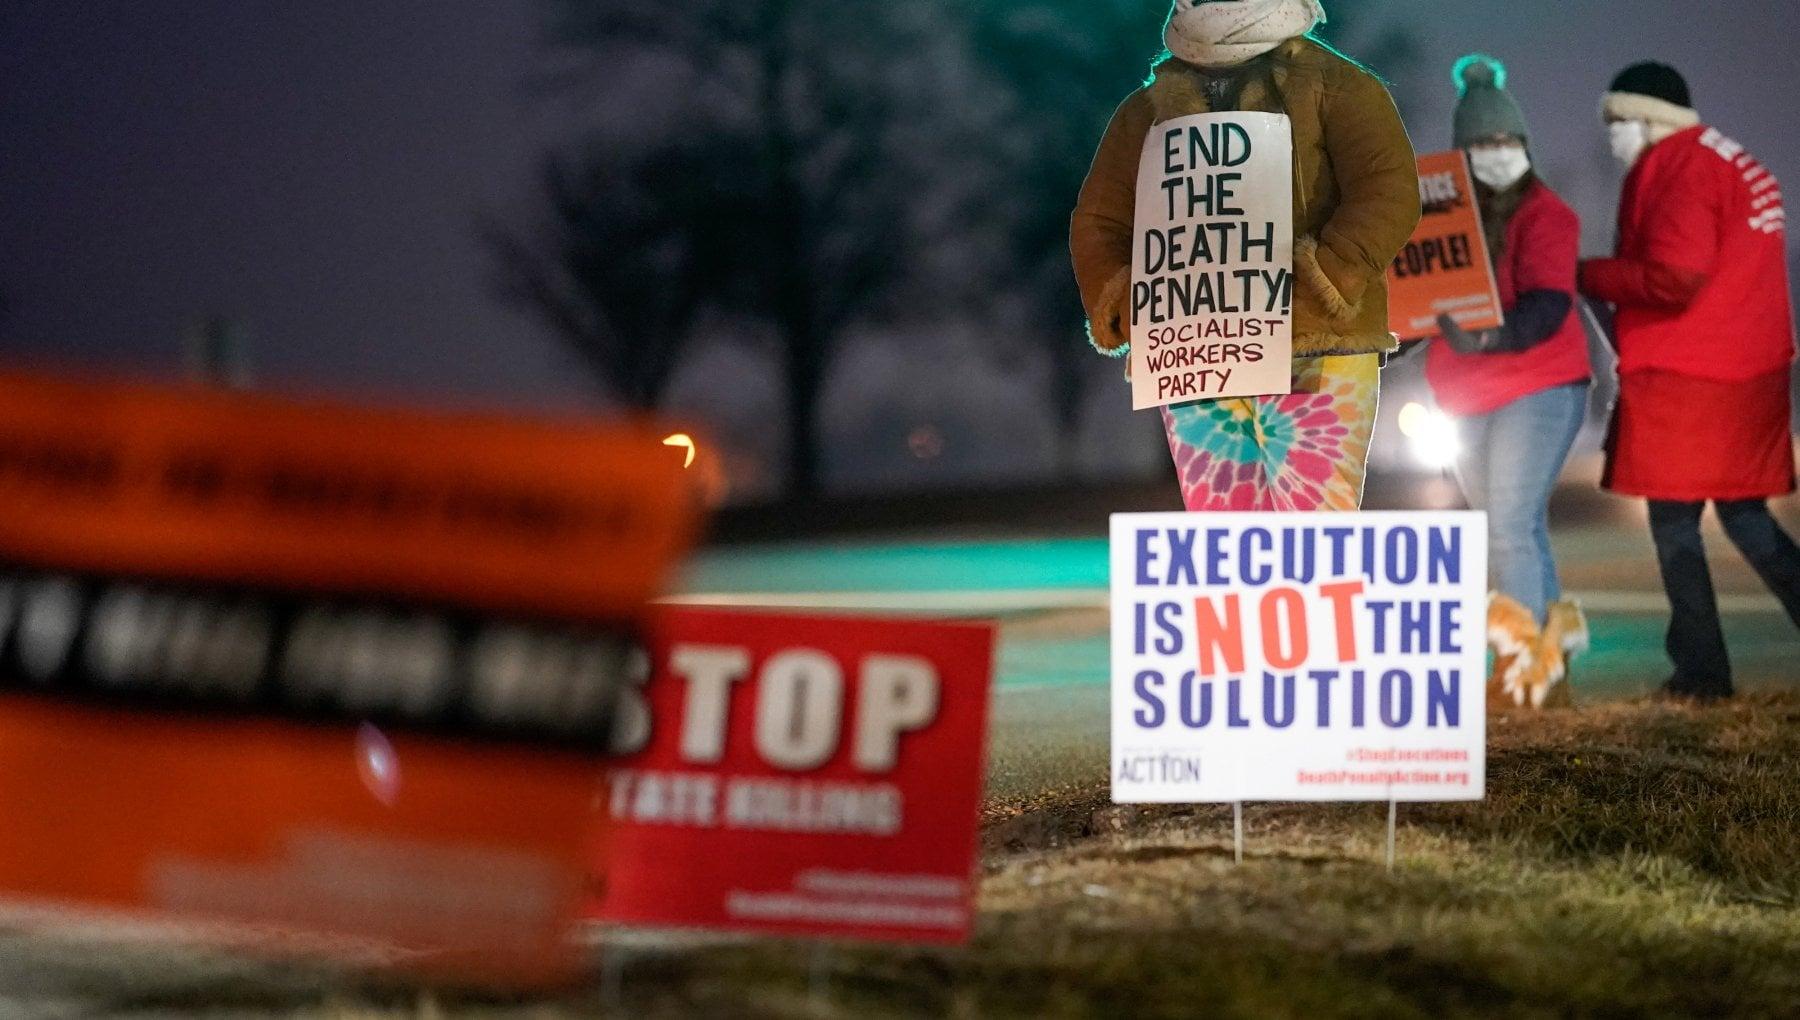 Usa eseguita condanna a morte di Lisa Montgomery prima volta da 70 anni